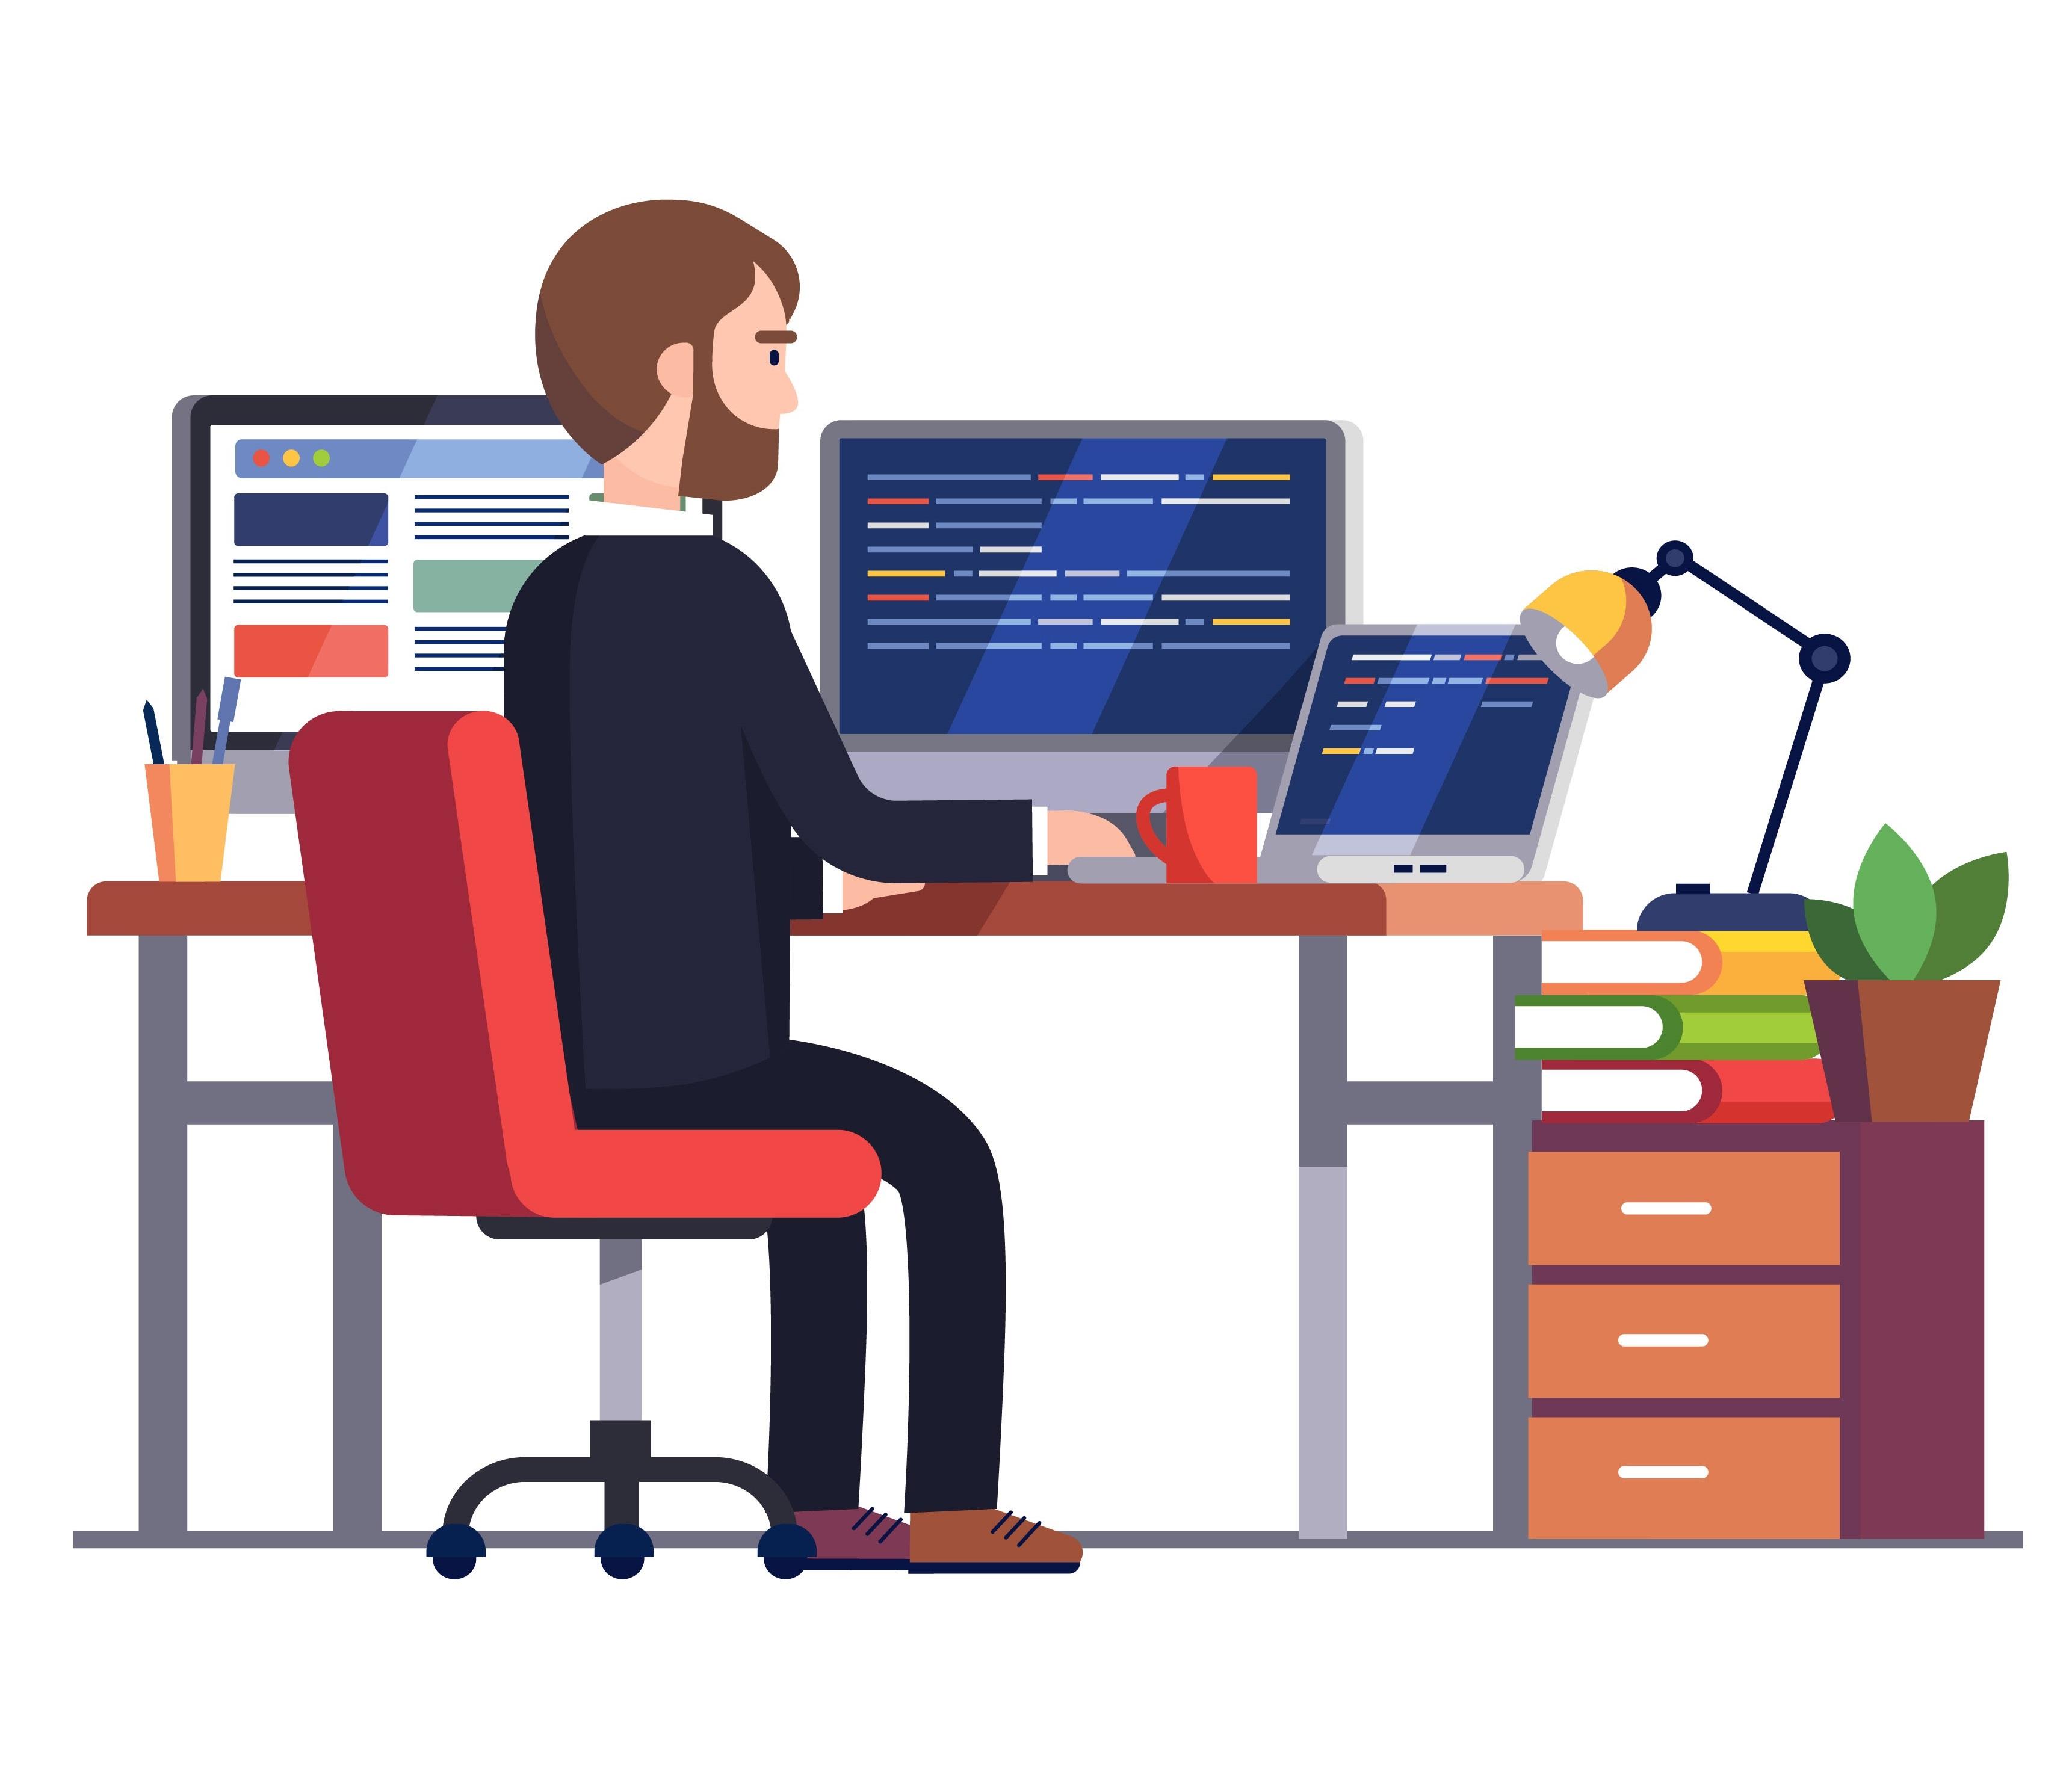 سوالات استخدامی مهندسی کامپیوتر دبیر حرفه و فن آموزش و پرورش